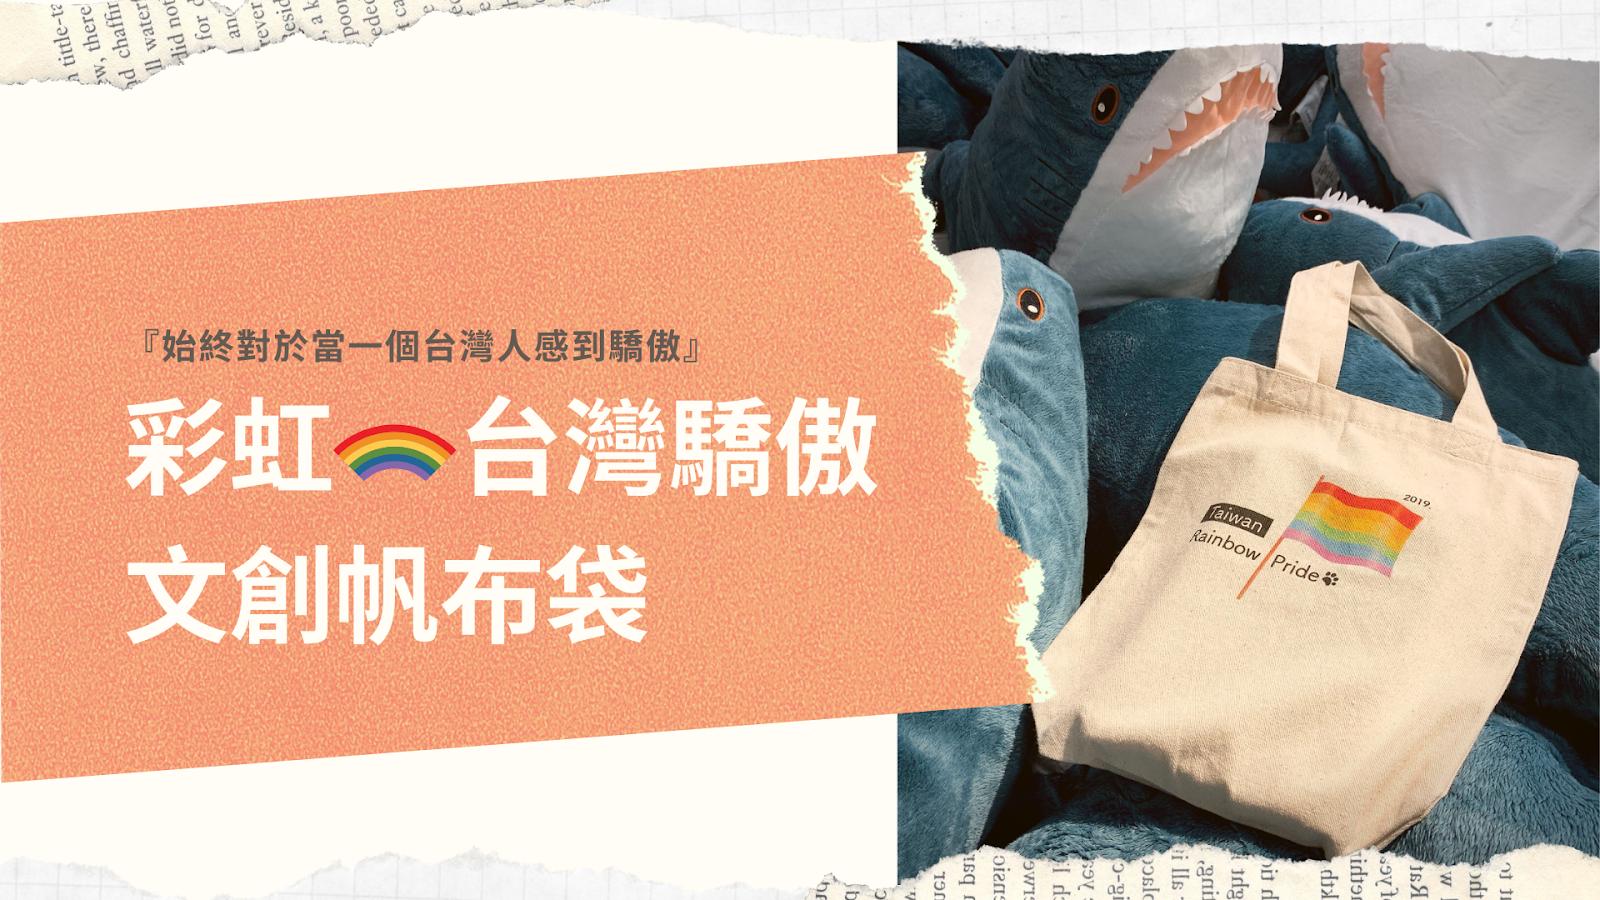 【🏳️🌈十八團隊設計-Rainbow。台灣驕傲/文創帆布袋】2019年聖誕交換禮物首選!